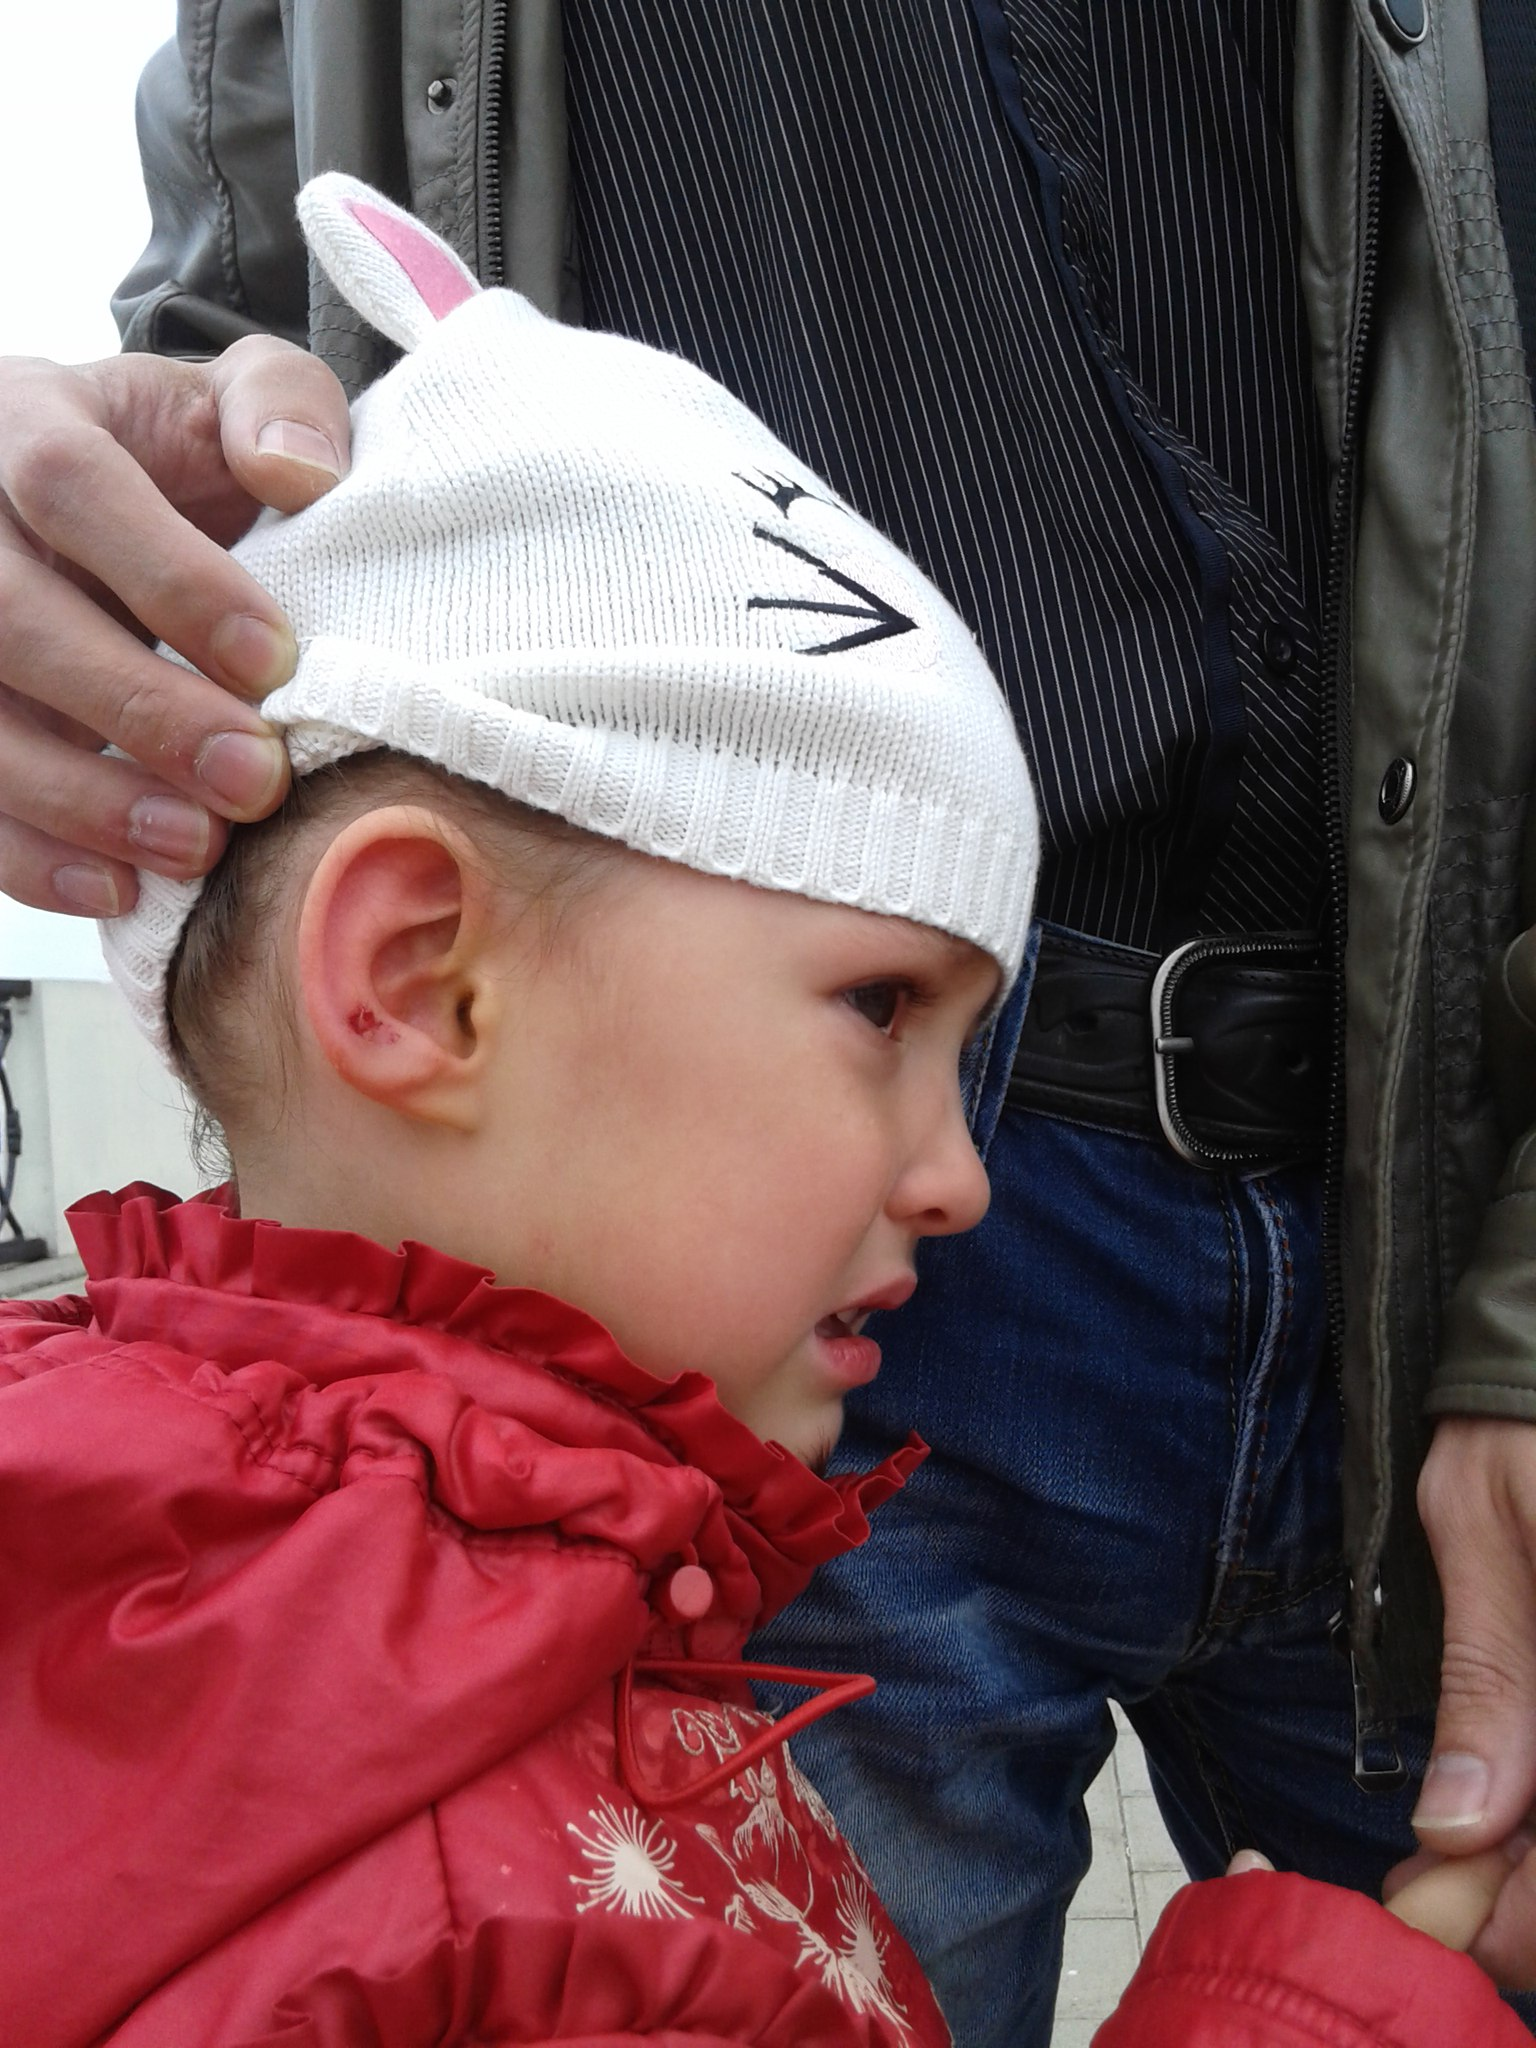 Фото: vk.com. Мария Корепанова